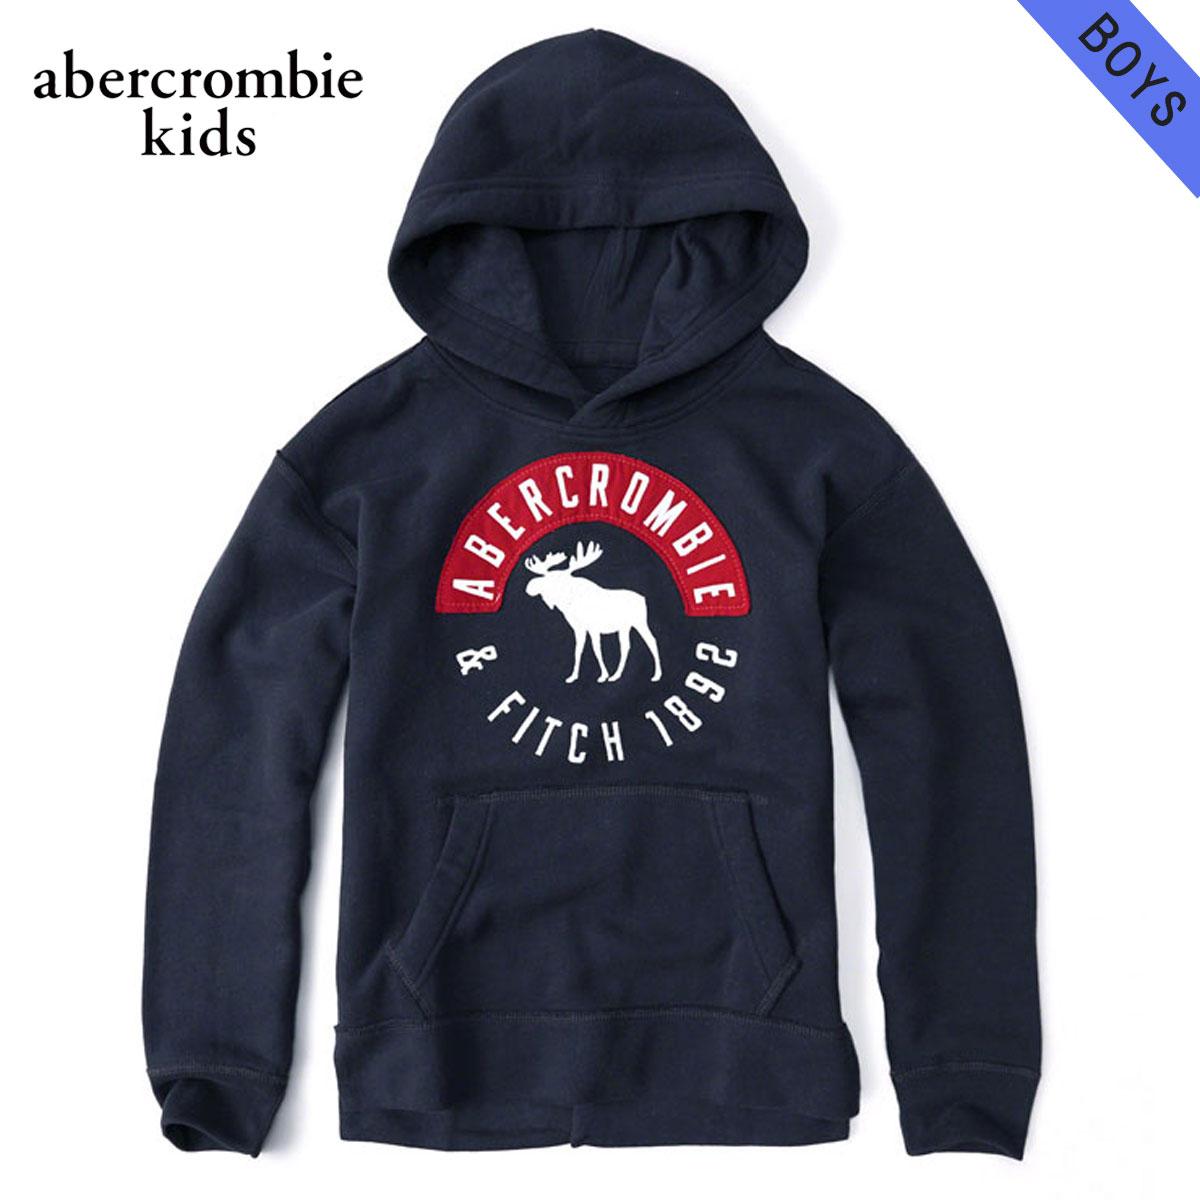 【ポイント10倍 1/1 00:00~1/5 23:59まで】 アバクロキッズ パーカー ボーイズ 子供服 正規品 AbercrombieKids logo pullover hoodie 222-628-0015-023